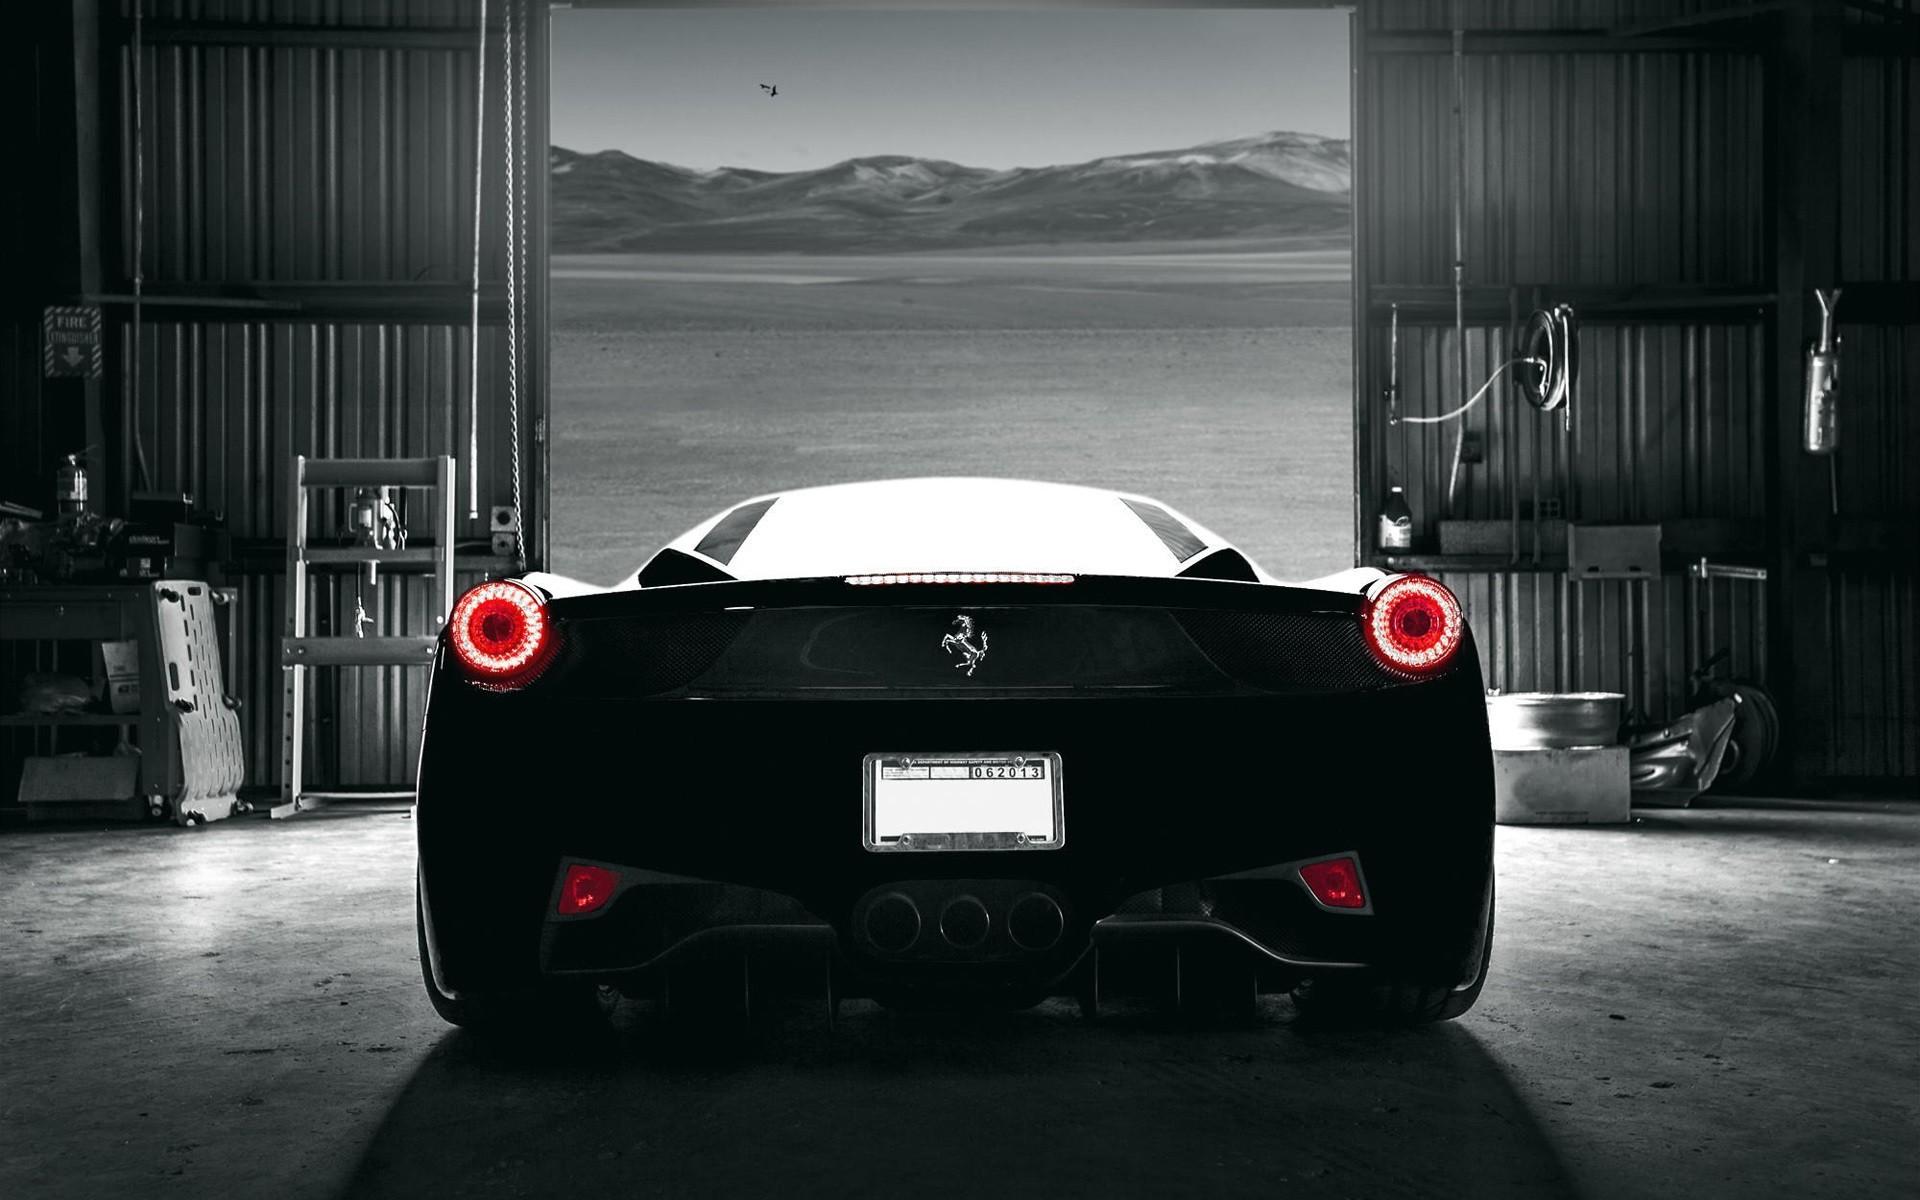 Black Ferrari Wallpaper Wallpapertag